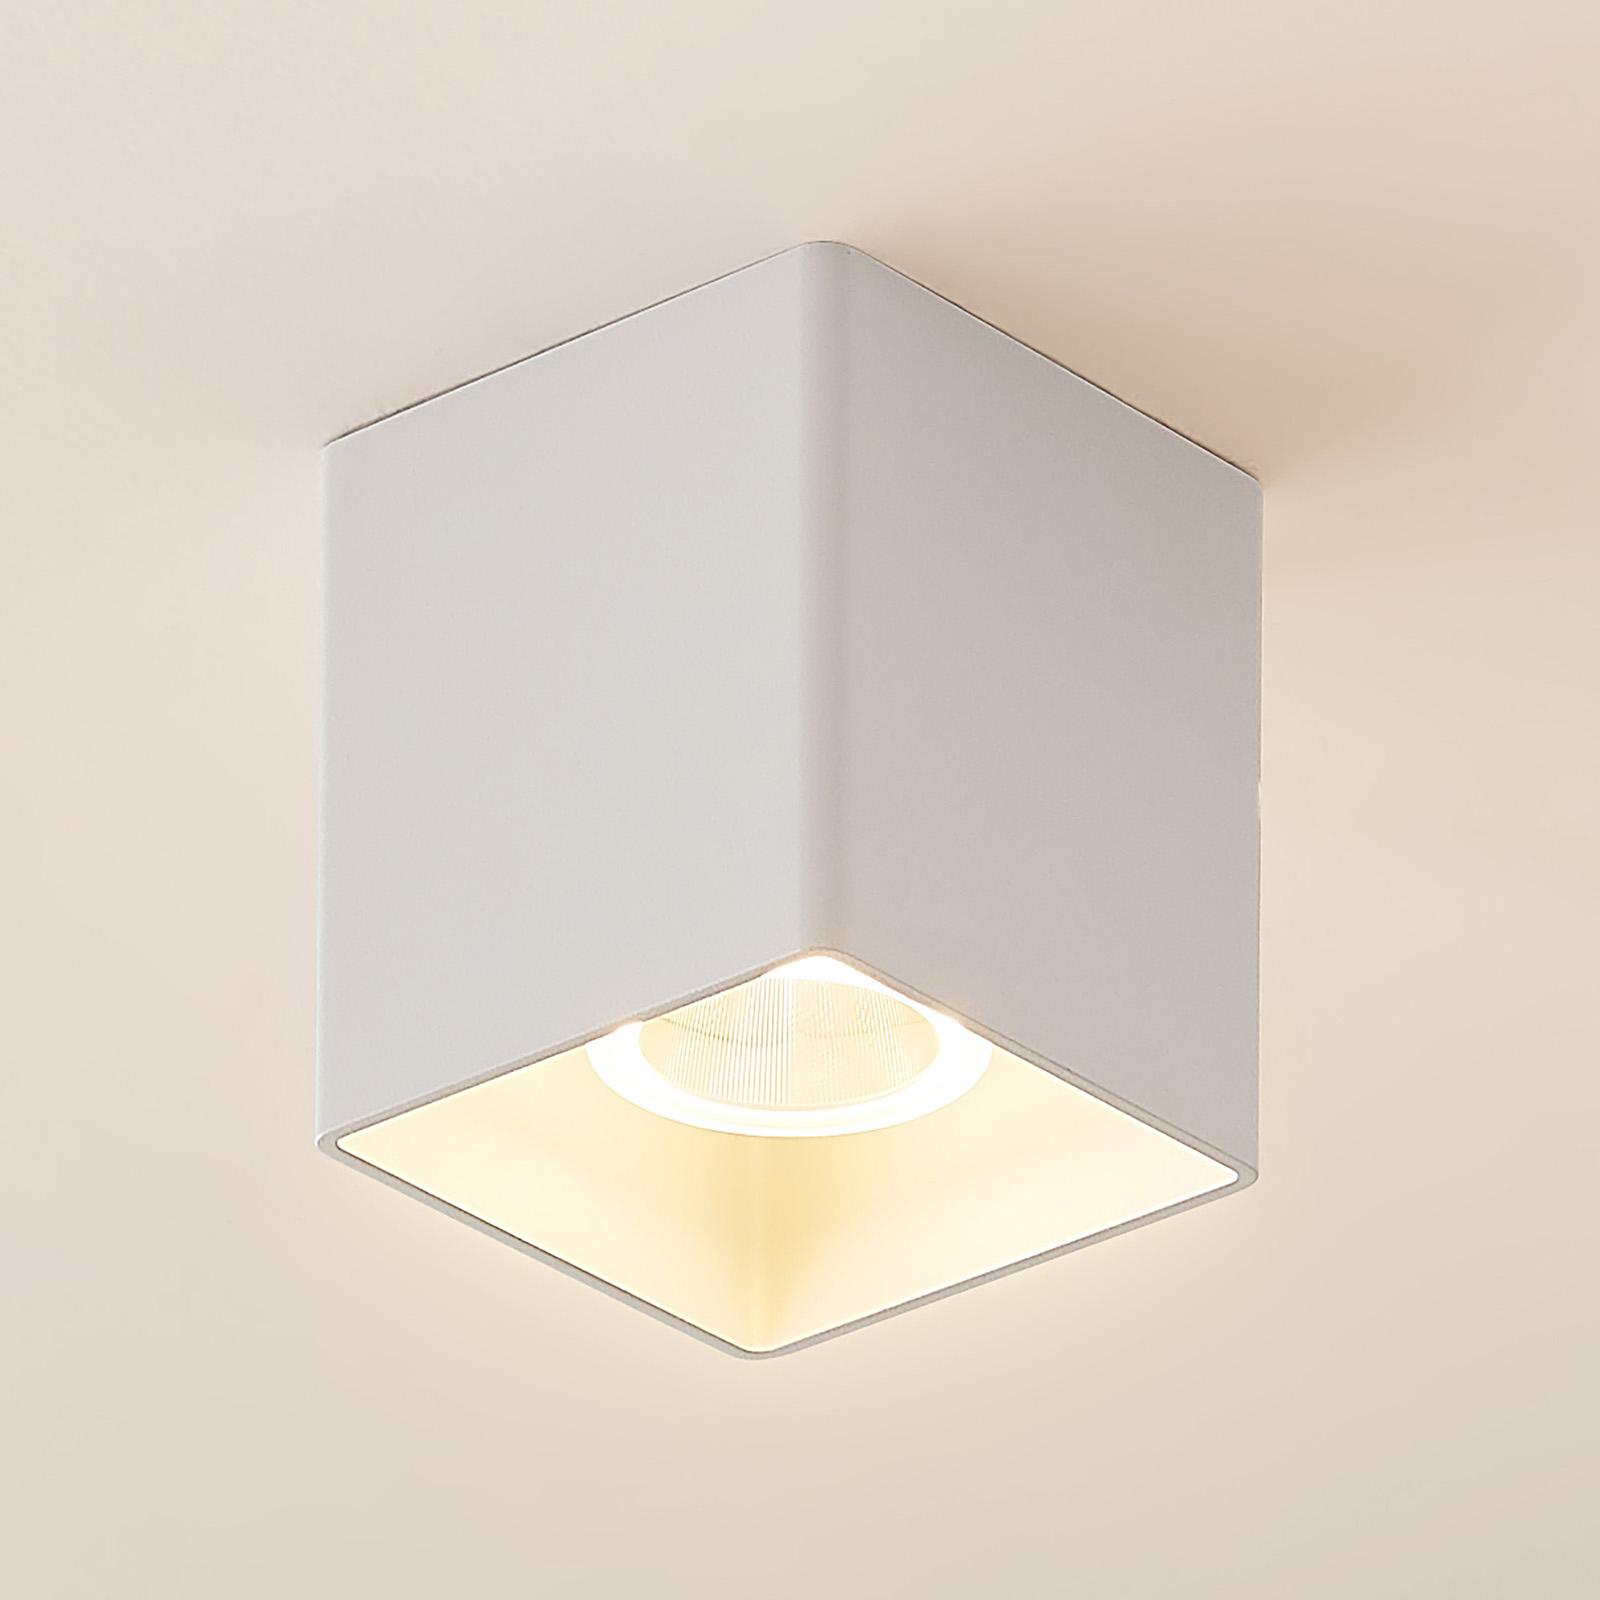 Arcchio Zaki LED-Deckenleuchte, eckig, weiß